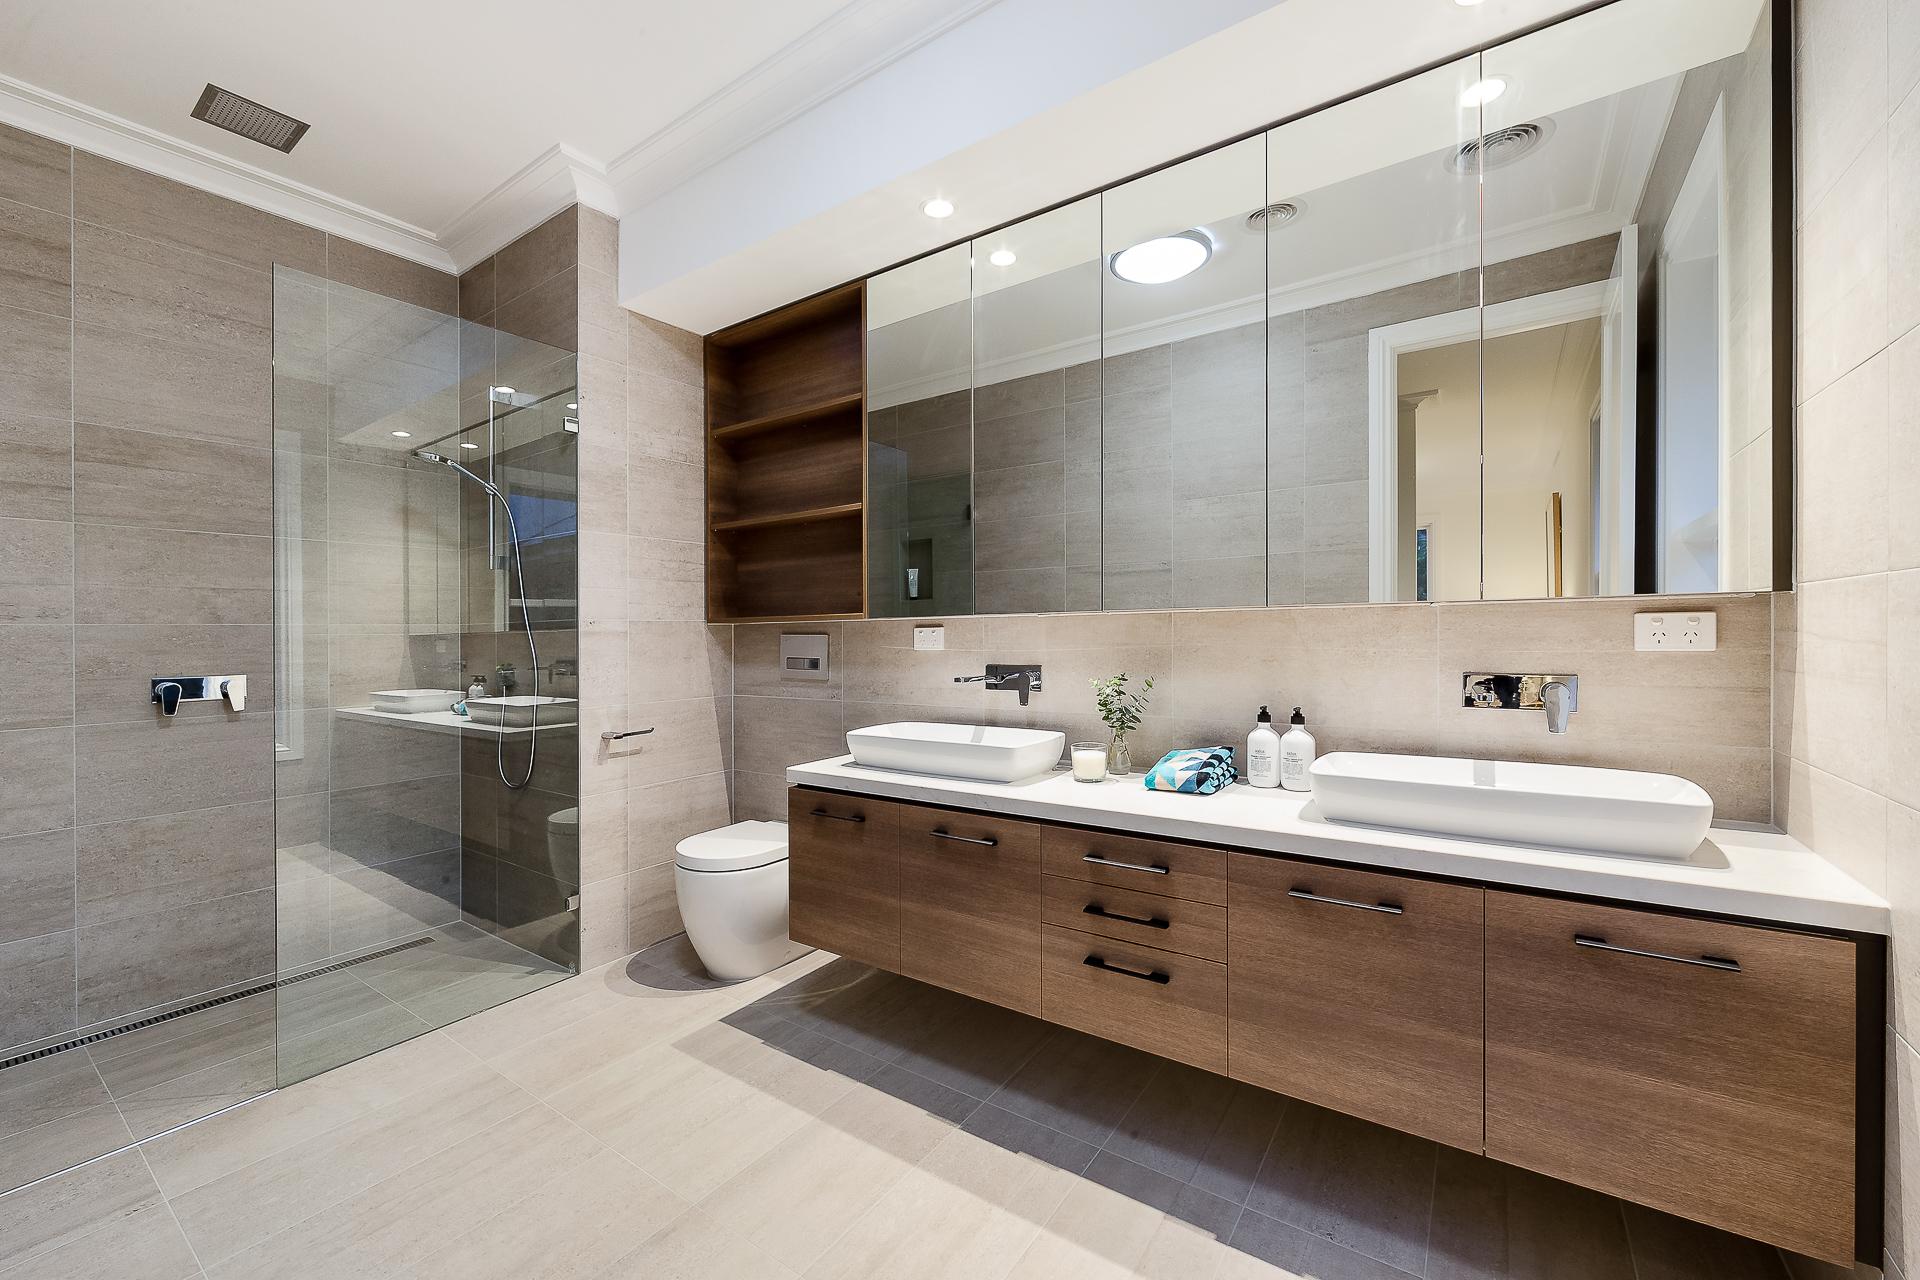 bathroom 7D62ACS